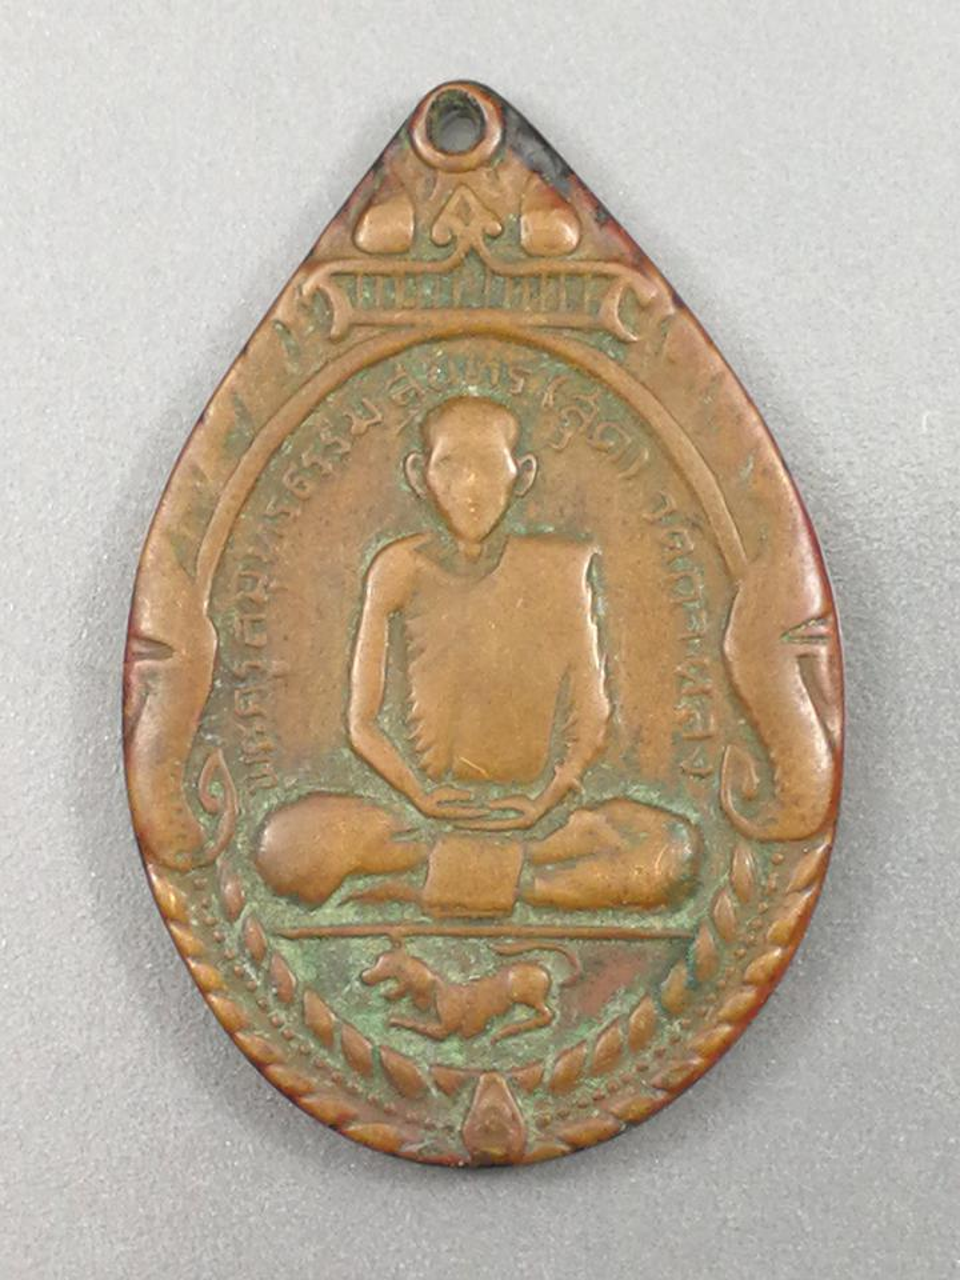 เหรียญเสือหมอบ หลวงพ่อสุดวัดกาหลง ปี19 สภาพใช้ครับ รูปที่ 1